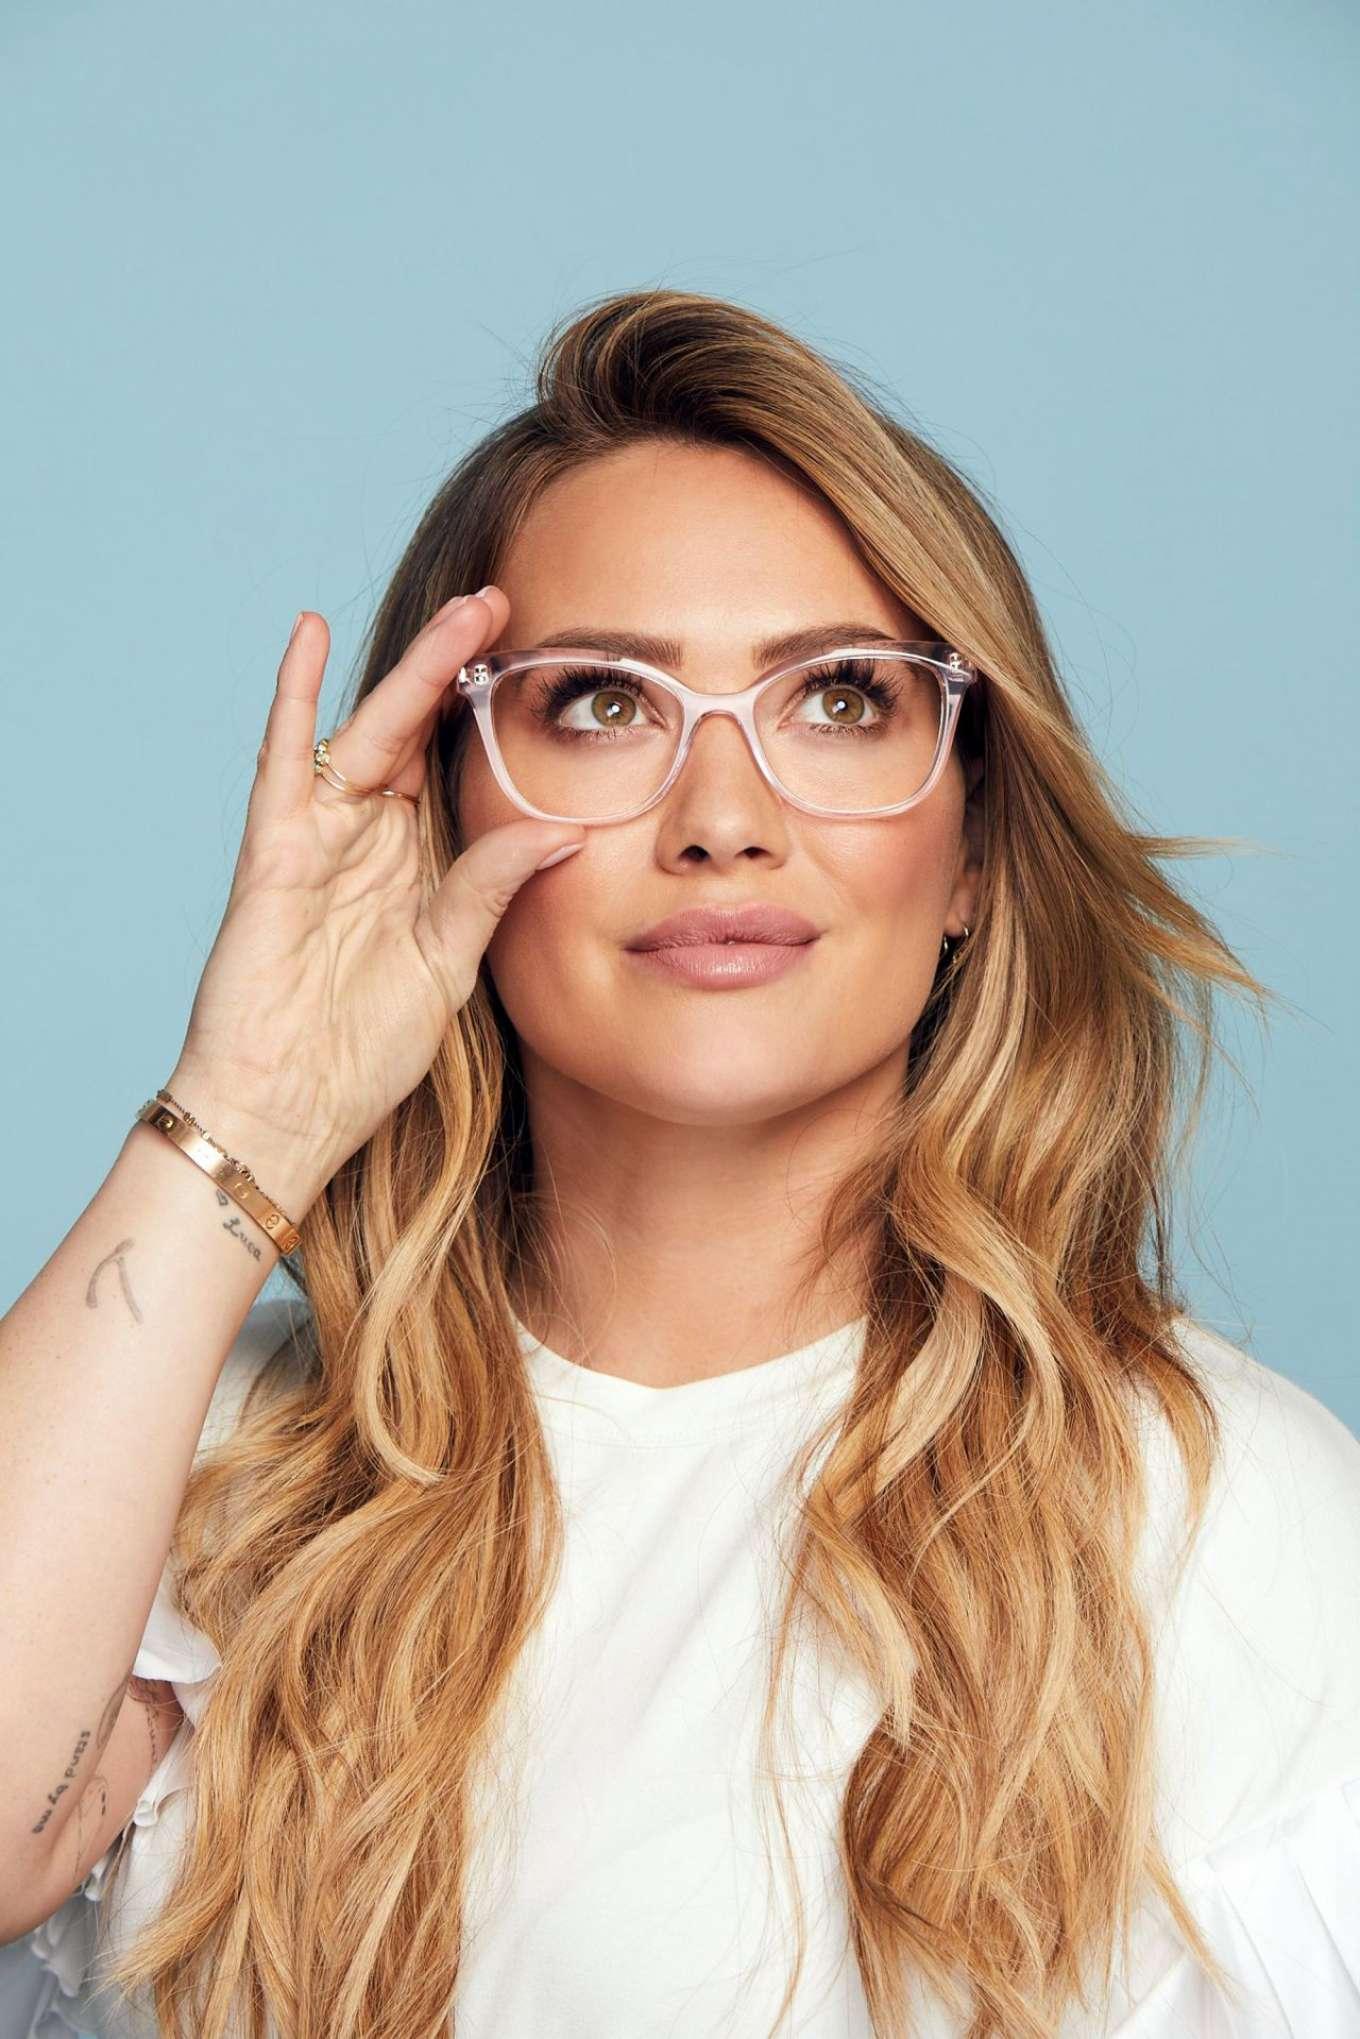 Hilary Duff 2018 : Hilary Duff: Hilary Duff Collection With GlassesUSA com 2018 -10